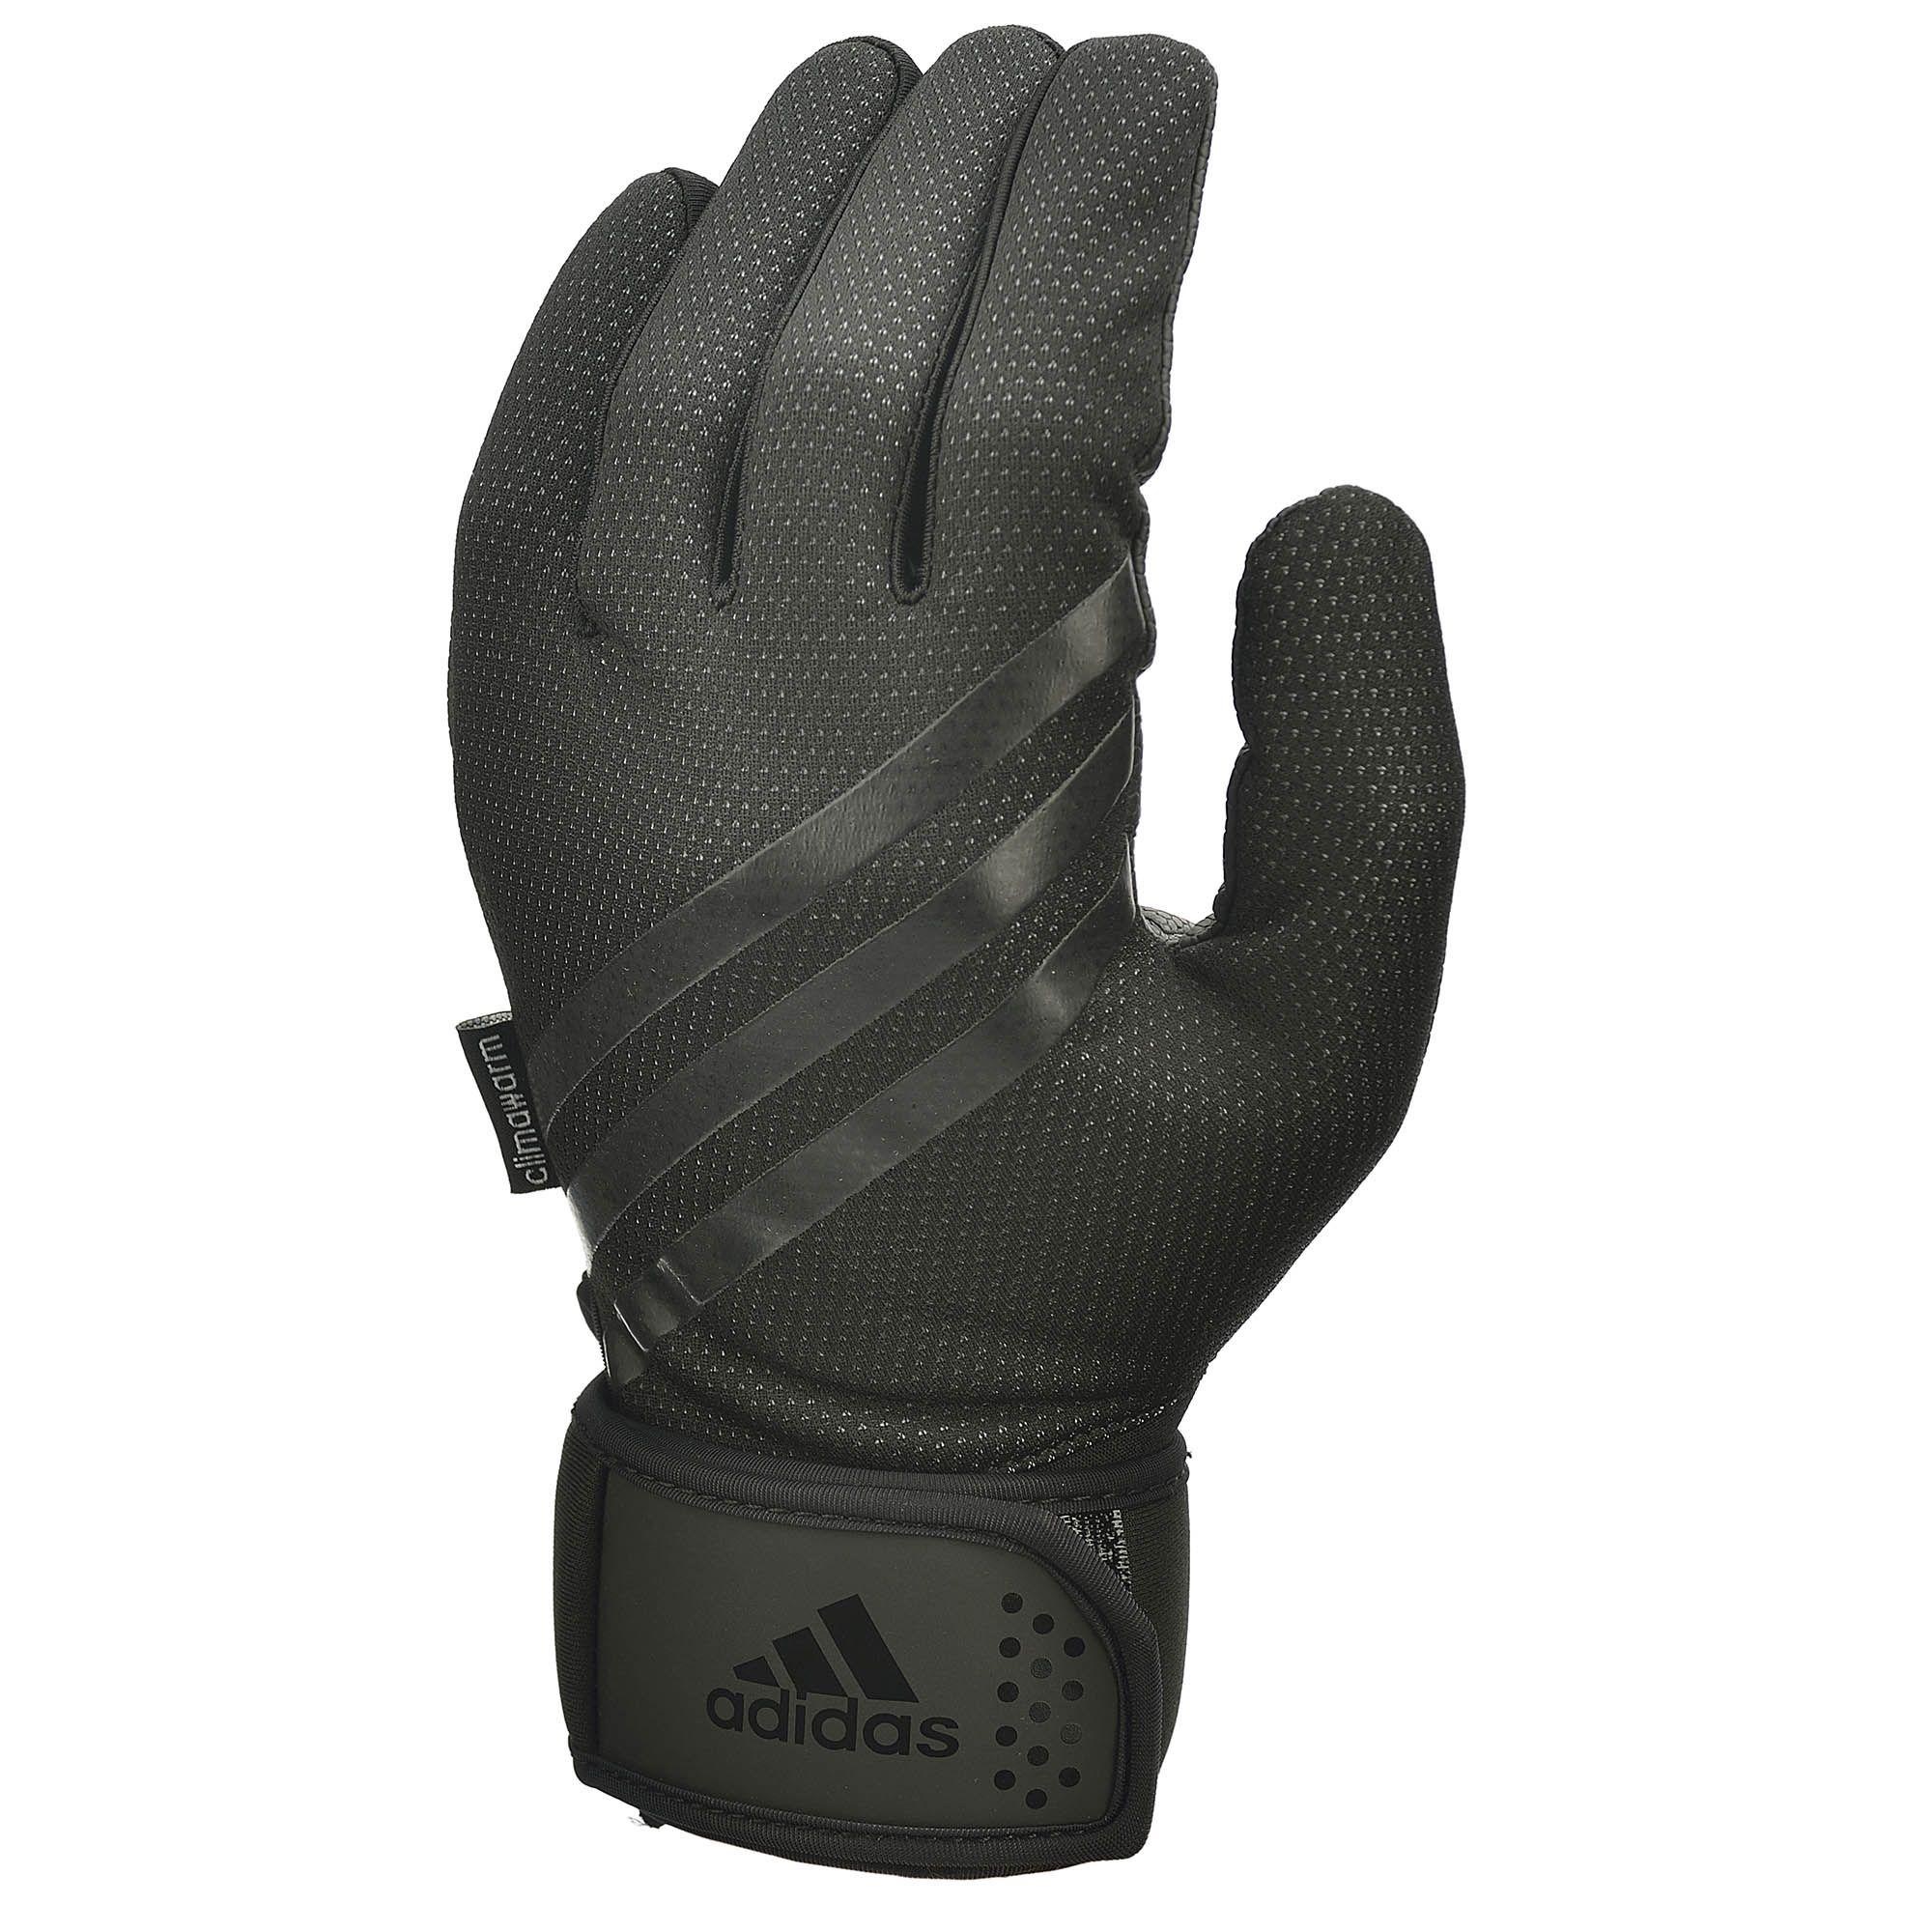 Workout Gloves Full Finger: Adidas Full Finger Outdoor Training Gloves